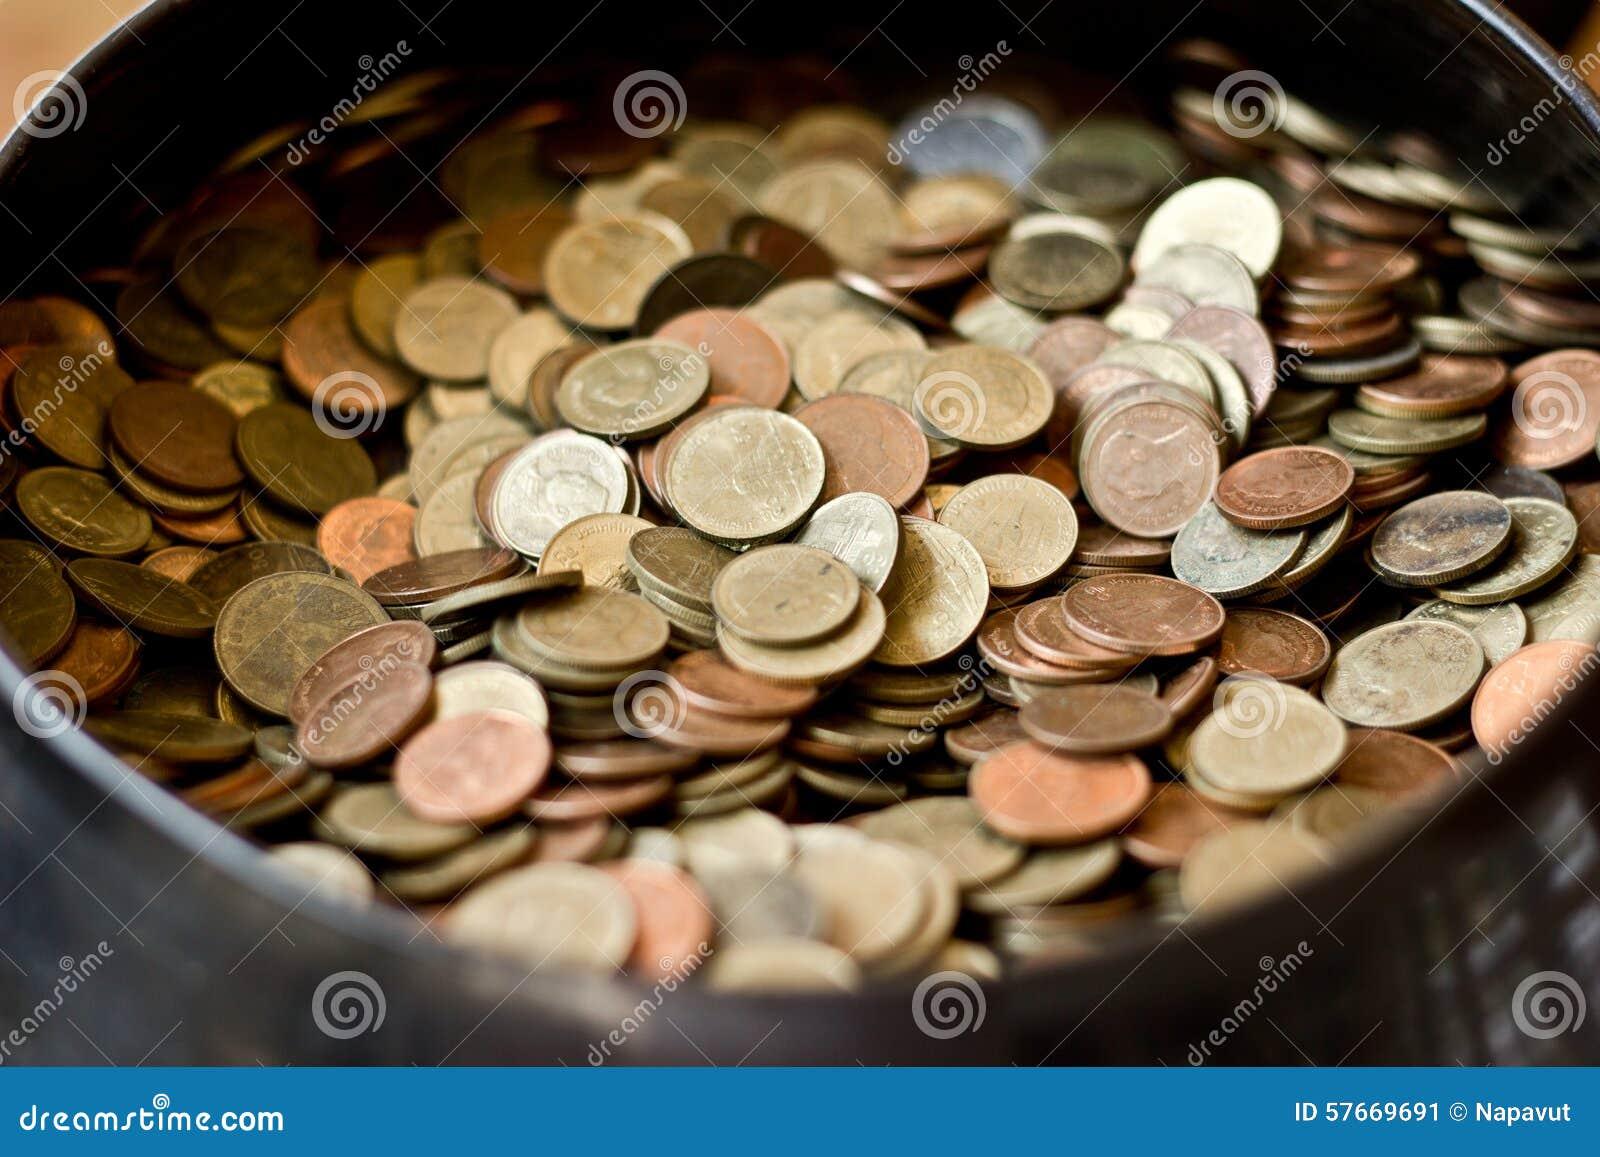 Wiele moneta w pucharze